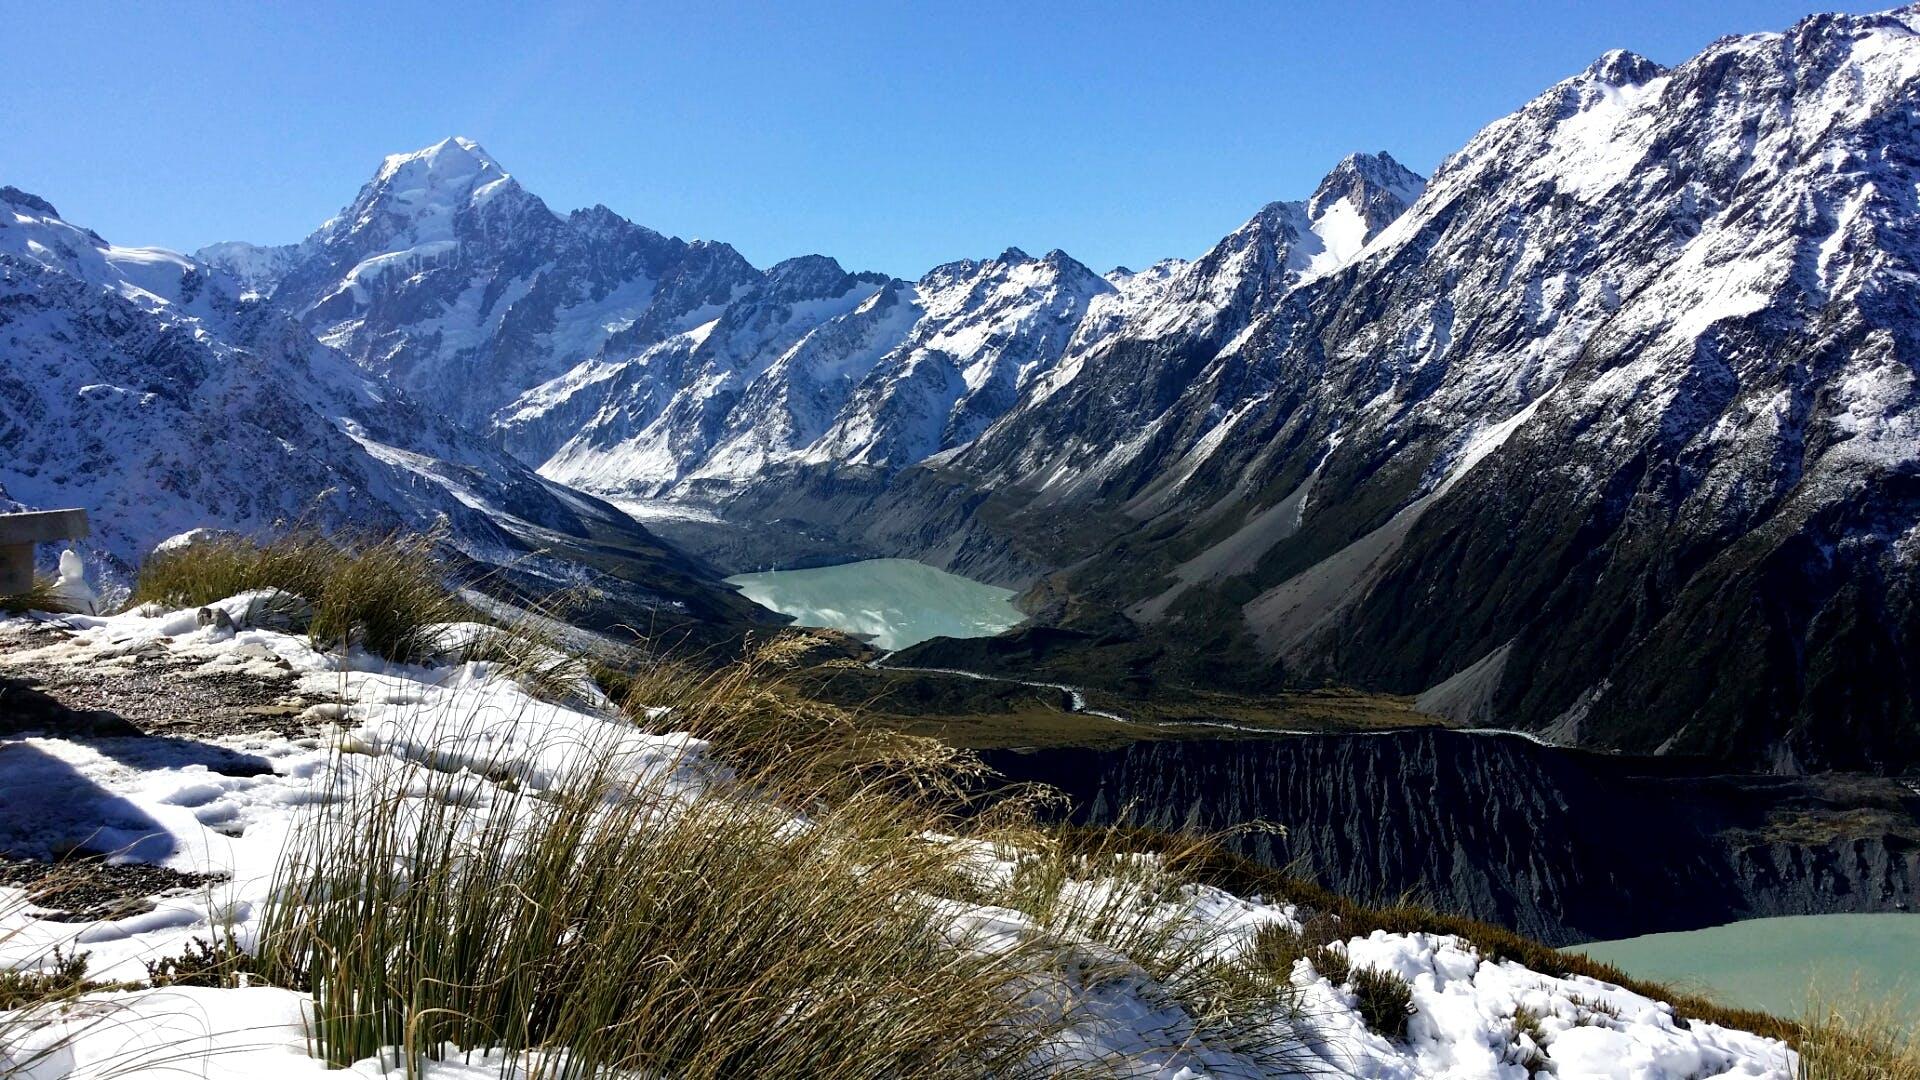 Kostenloses Stock Foto zu berge, kalt, neuseeland, reise